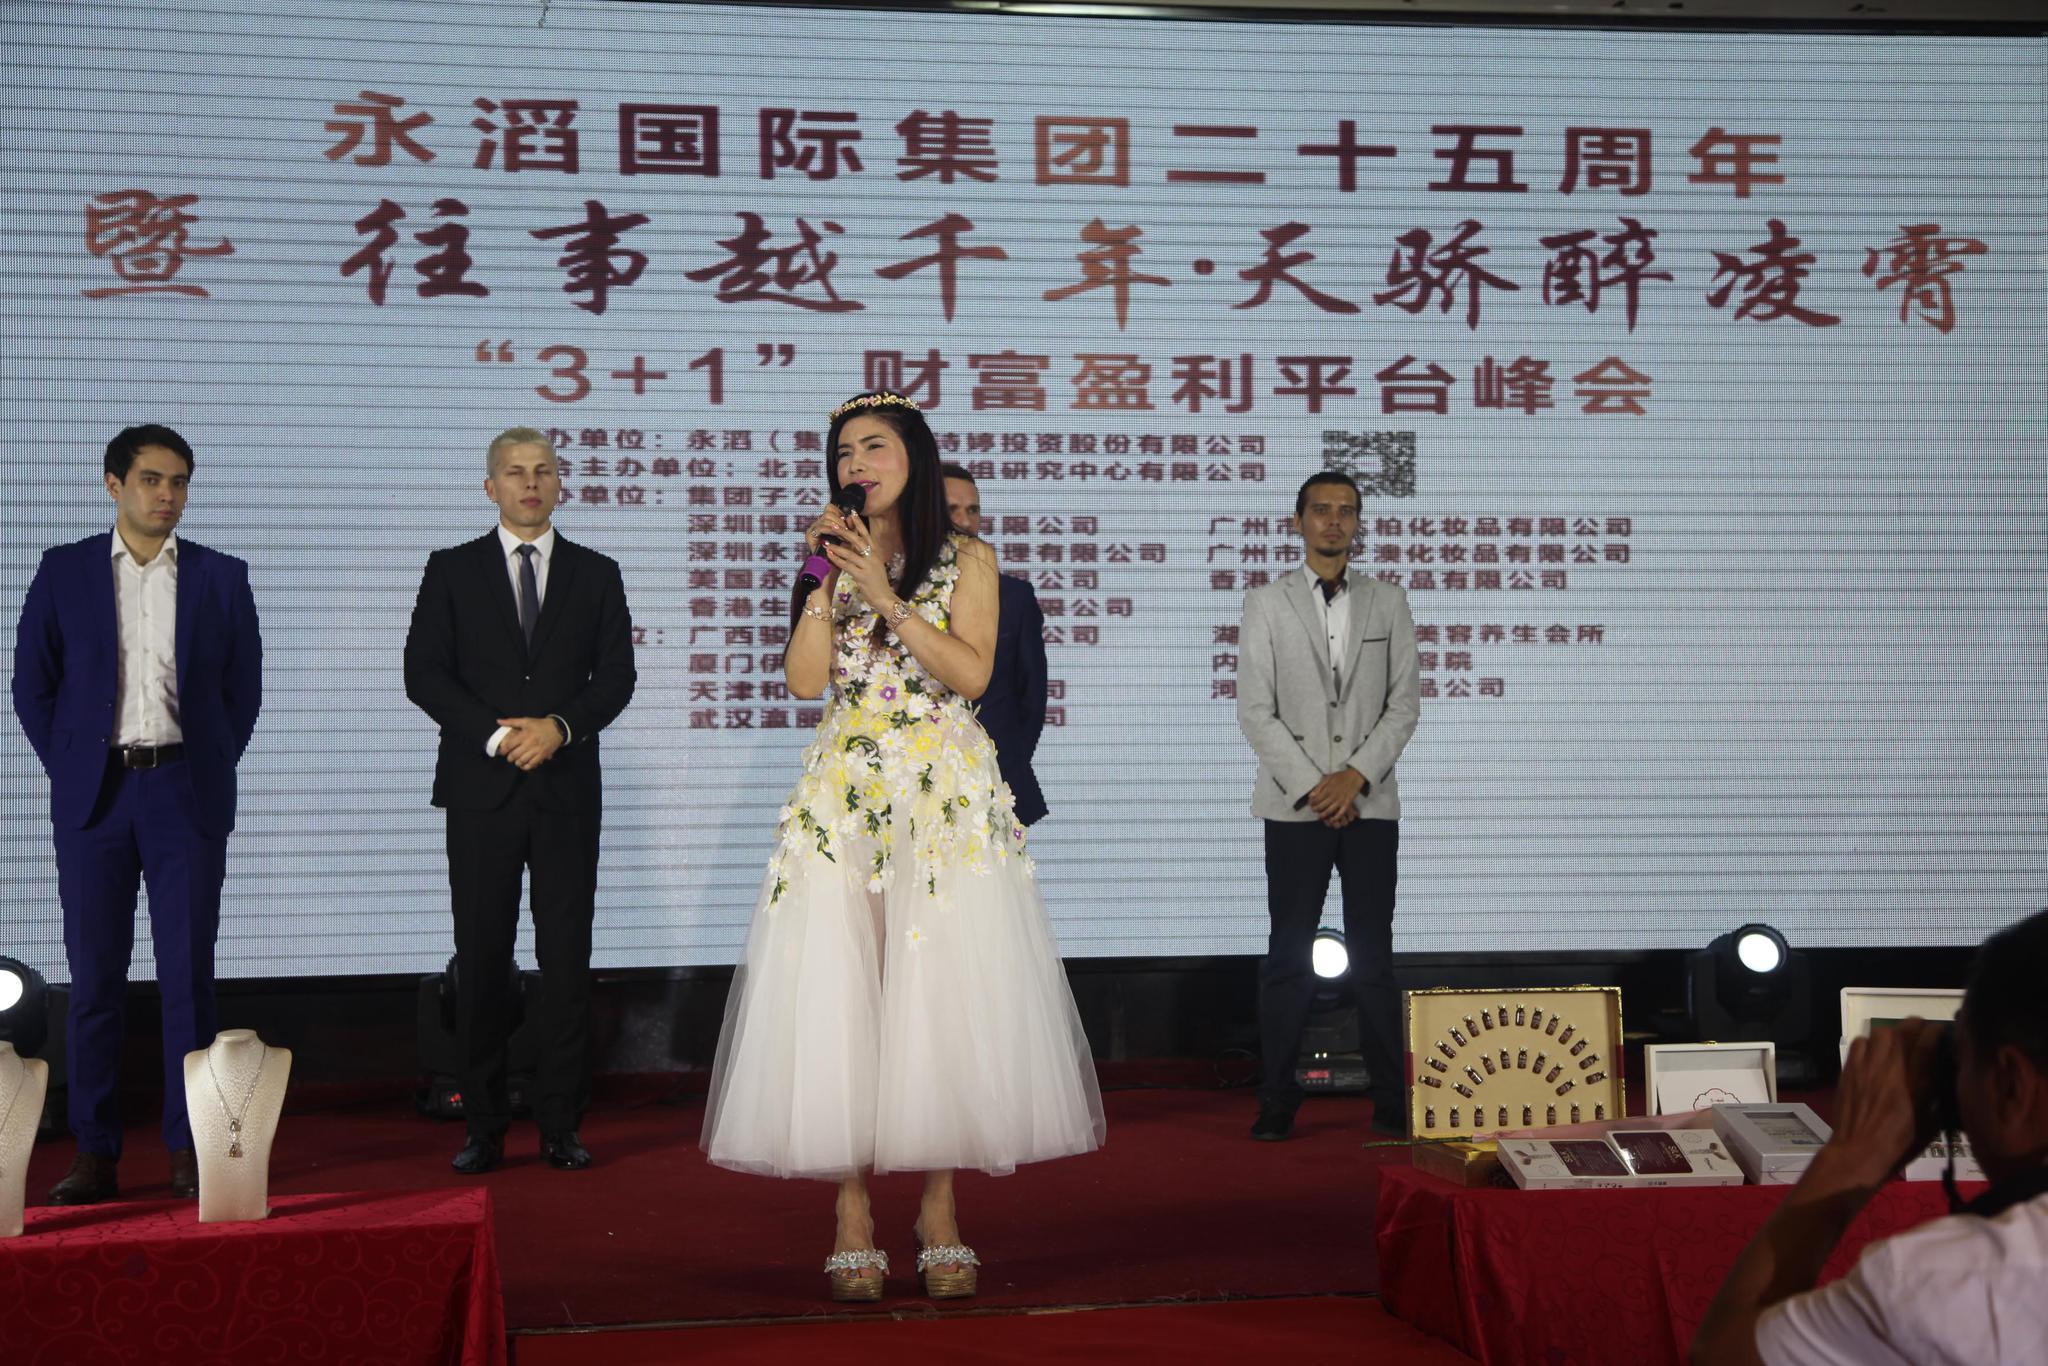 永滔国际集团二十五周年财富盛宴在呼和浩特召开